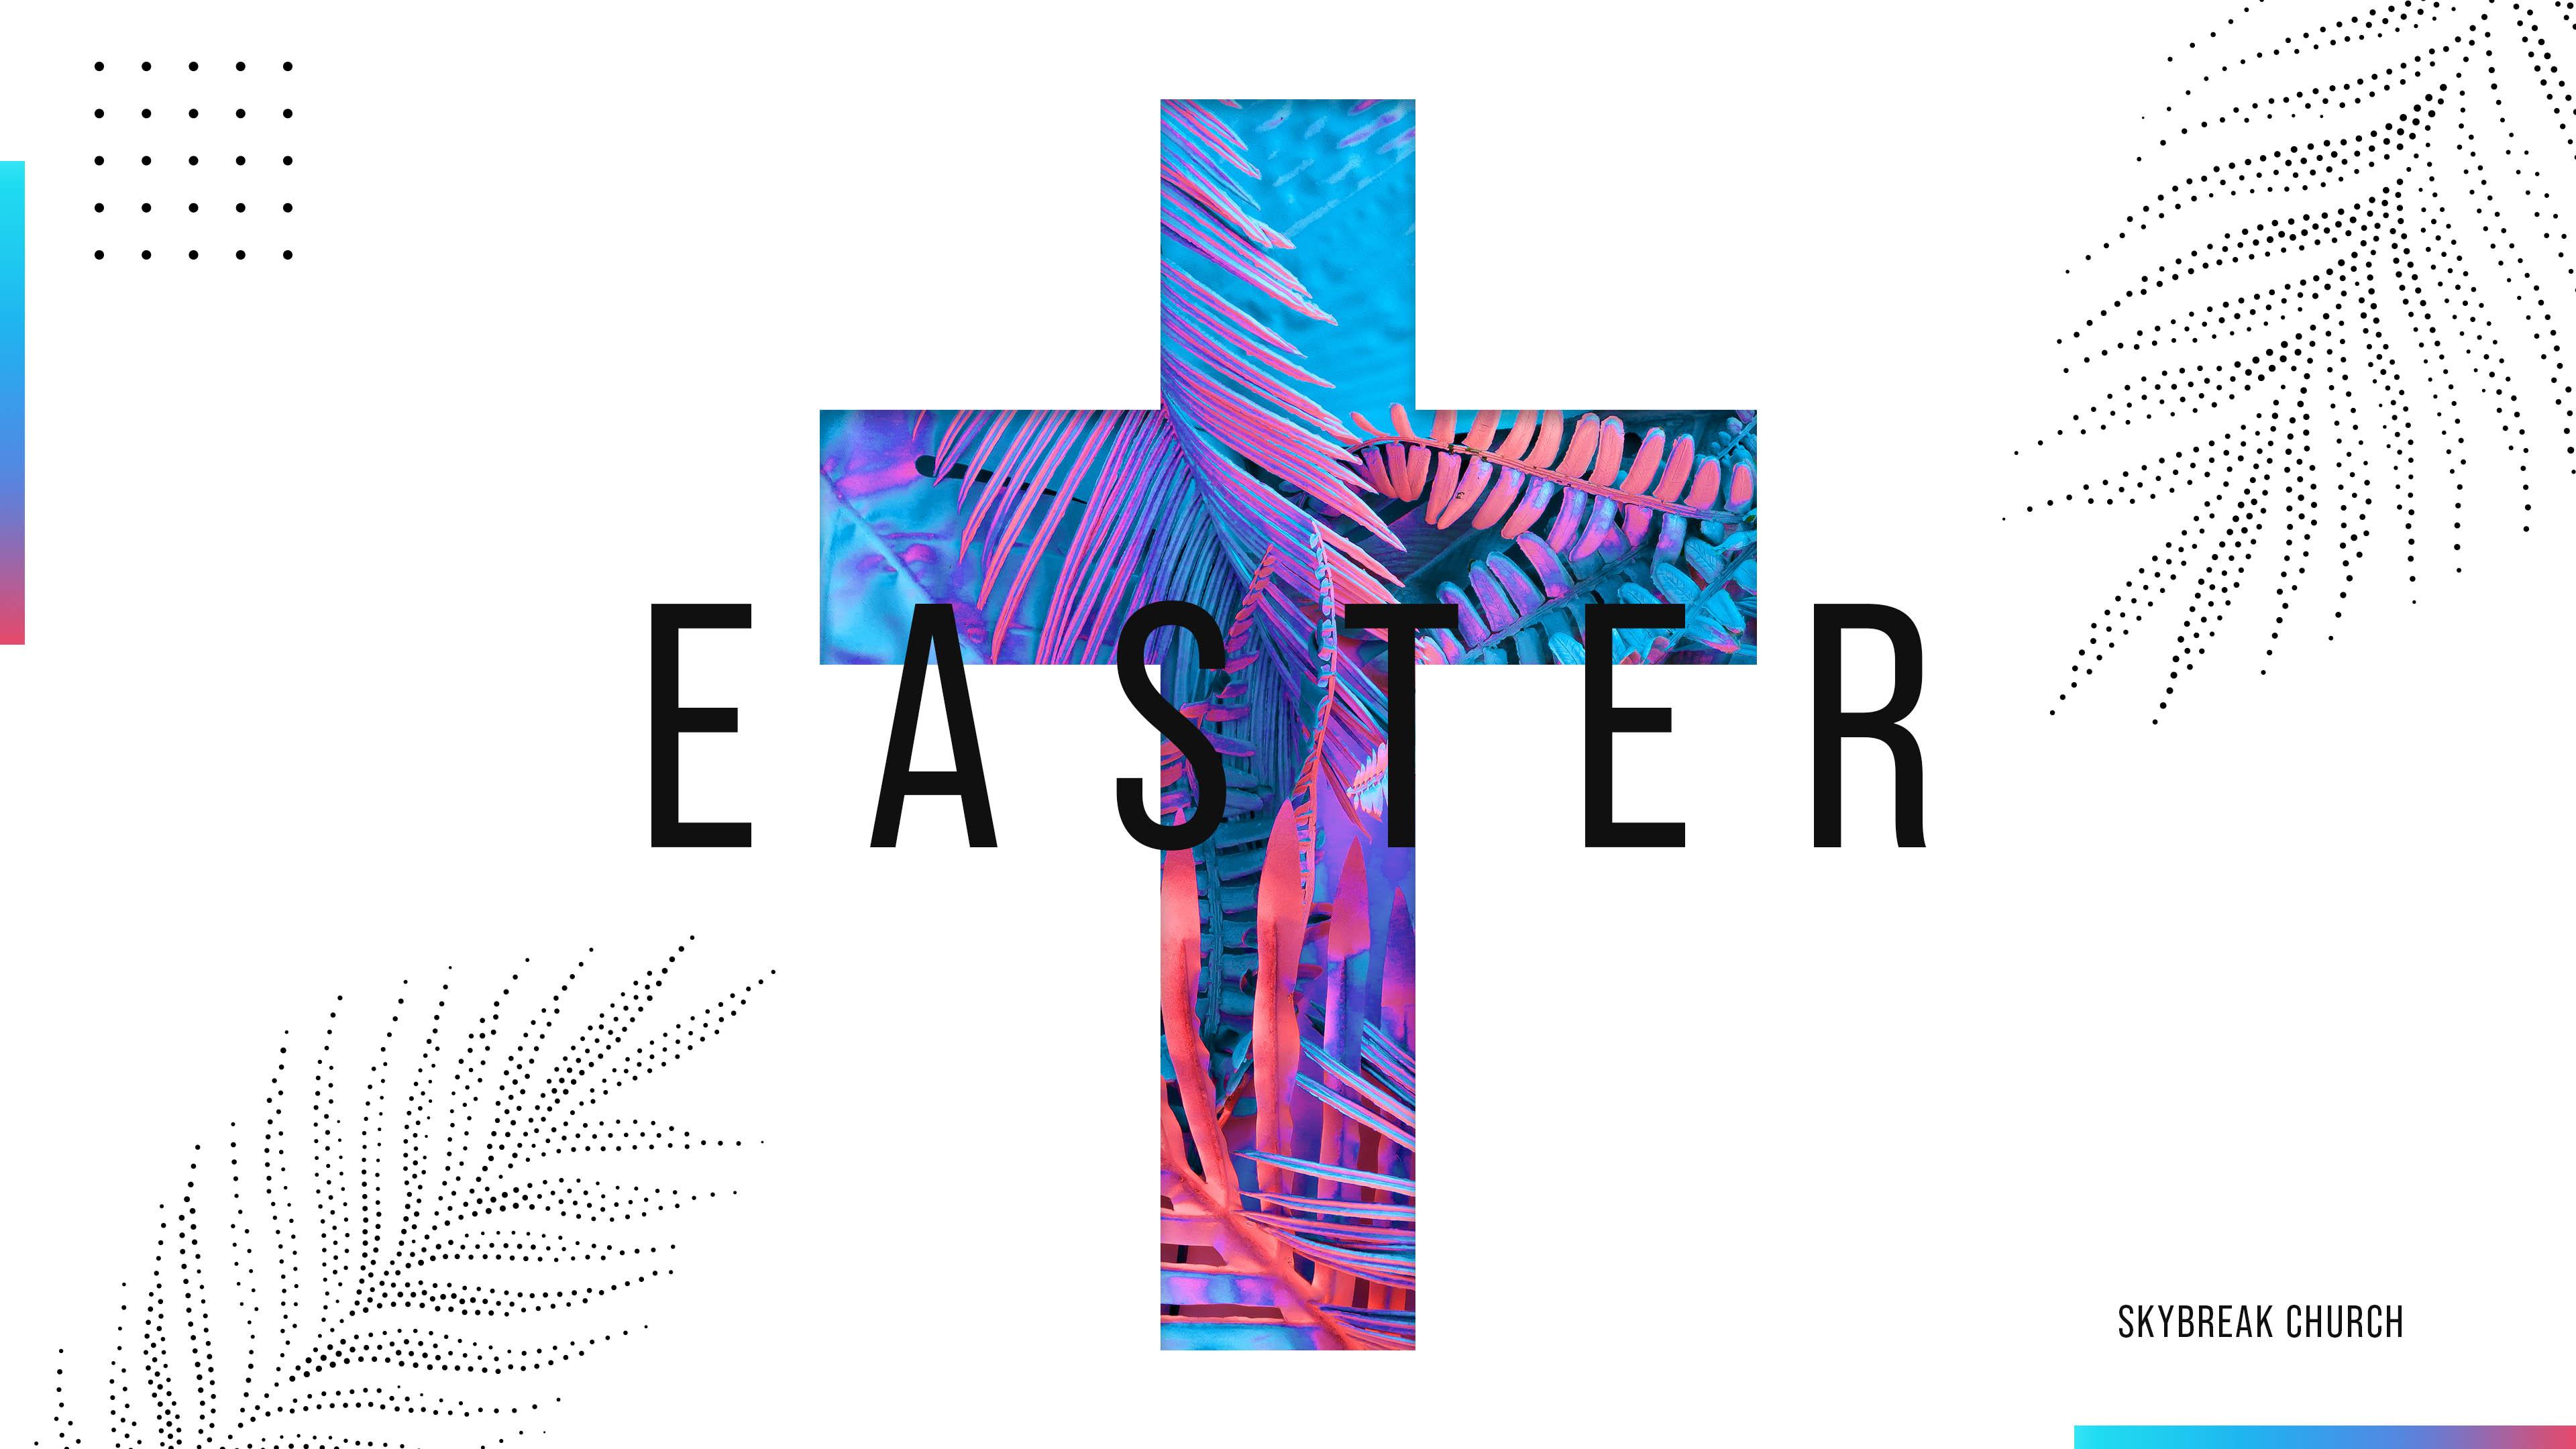 Easter at Skybreak